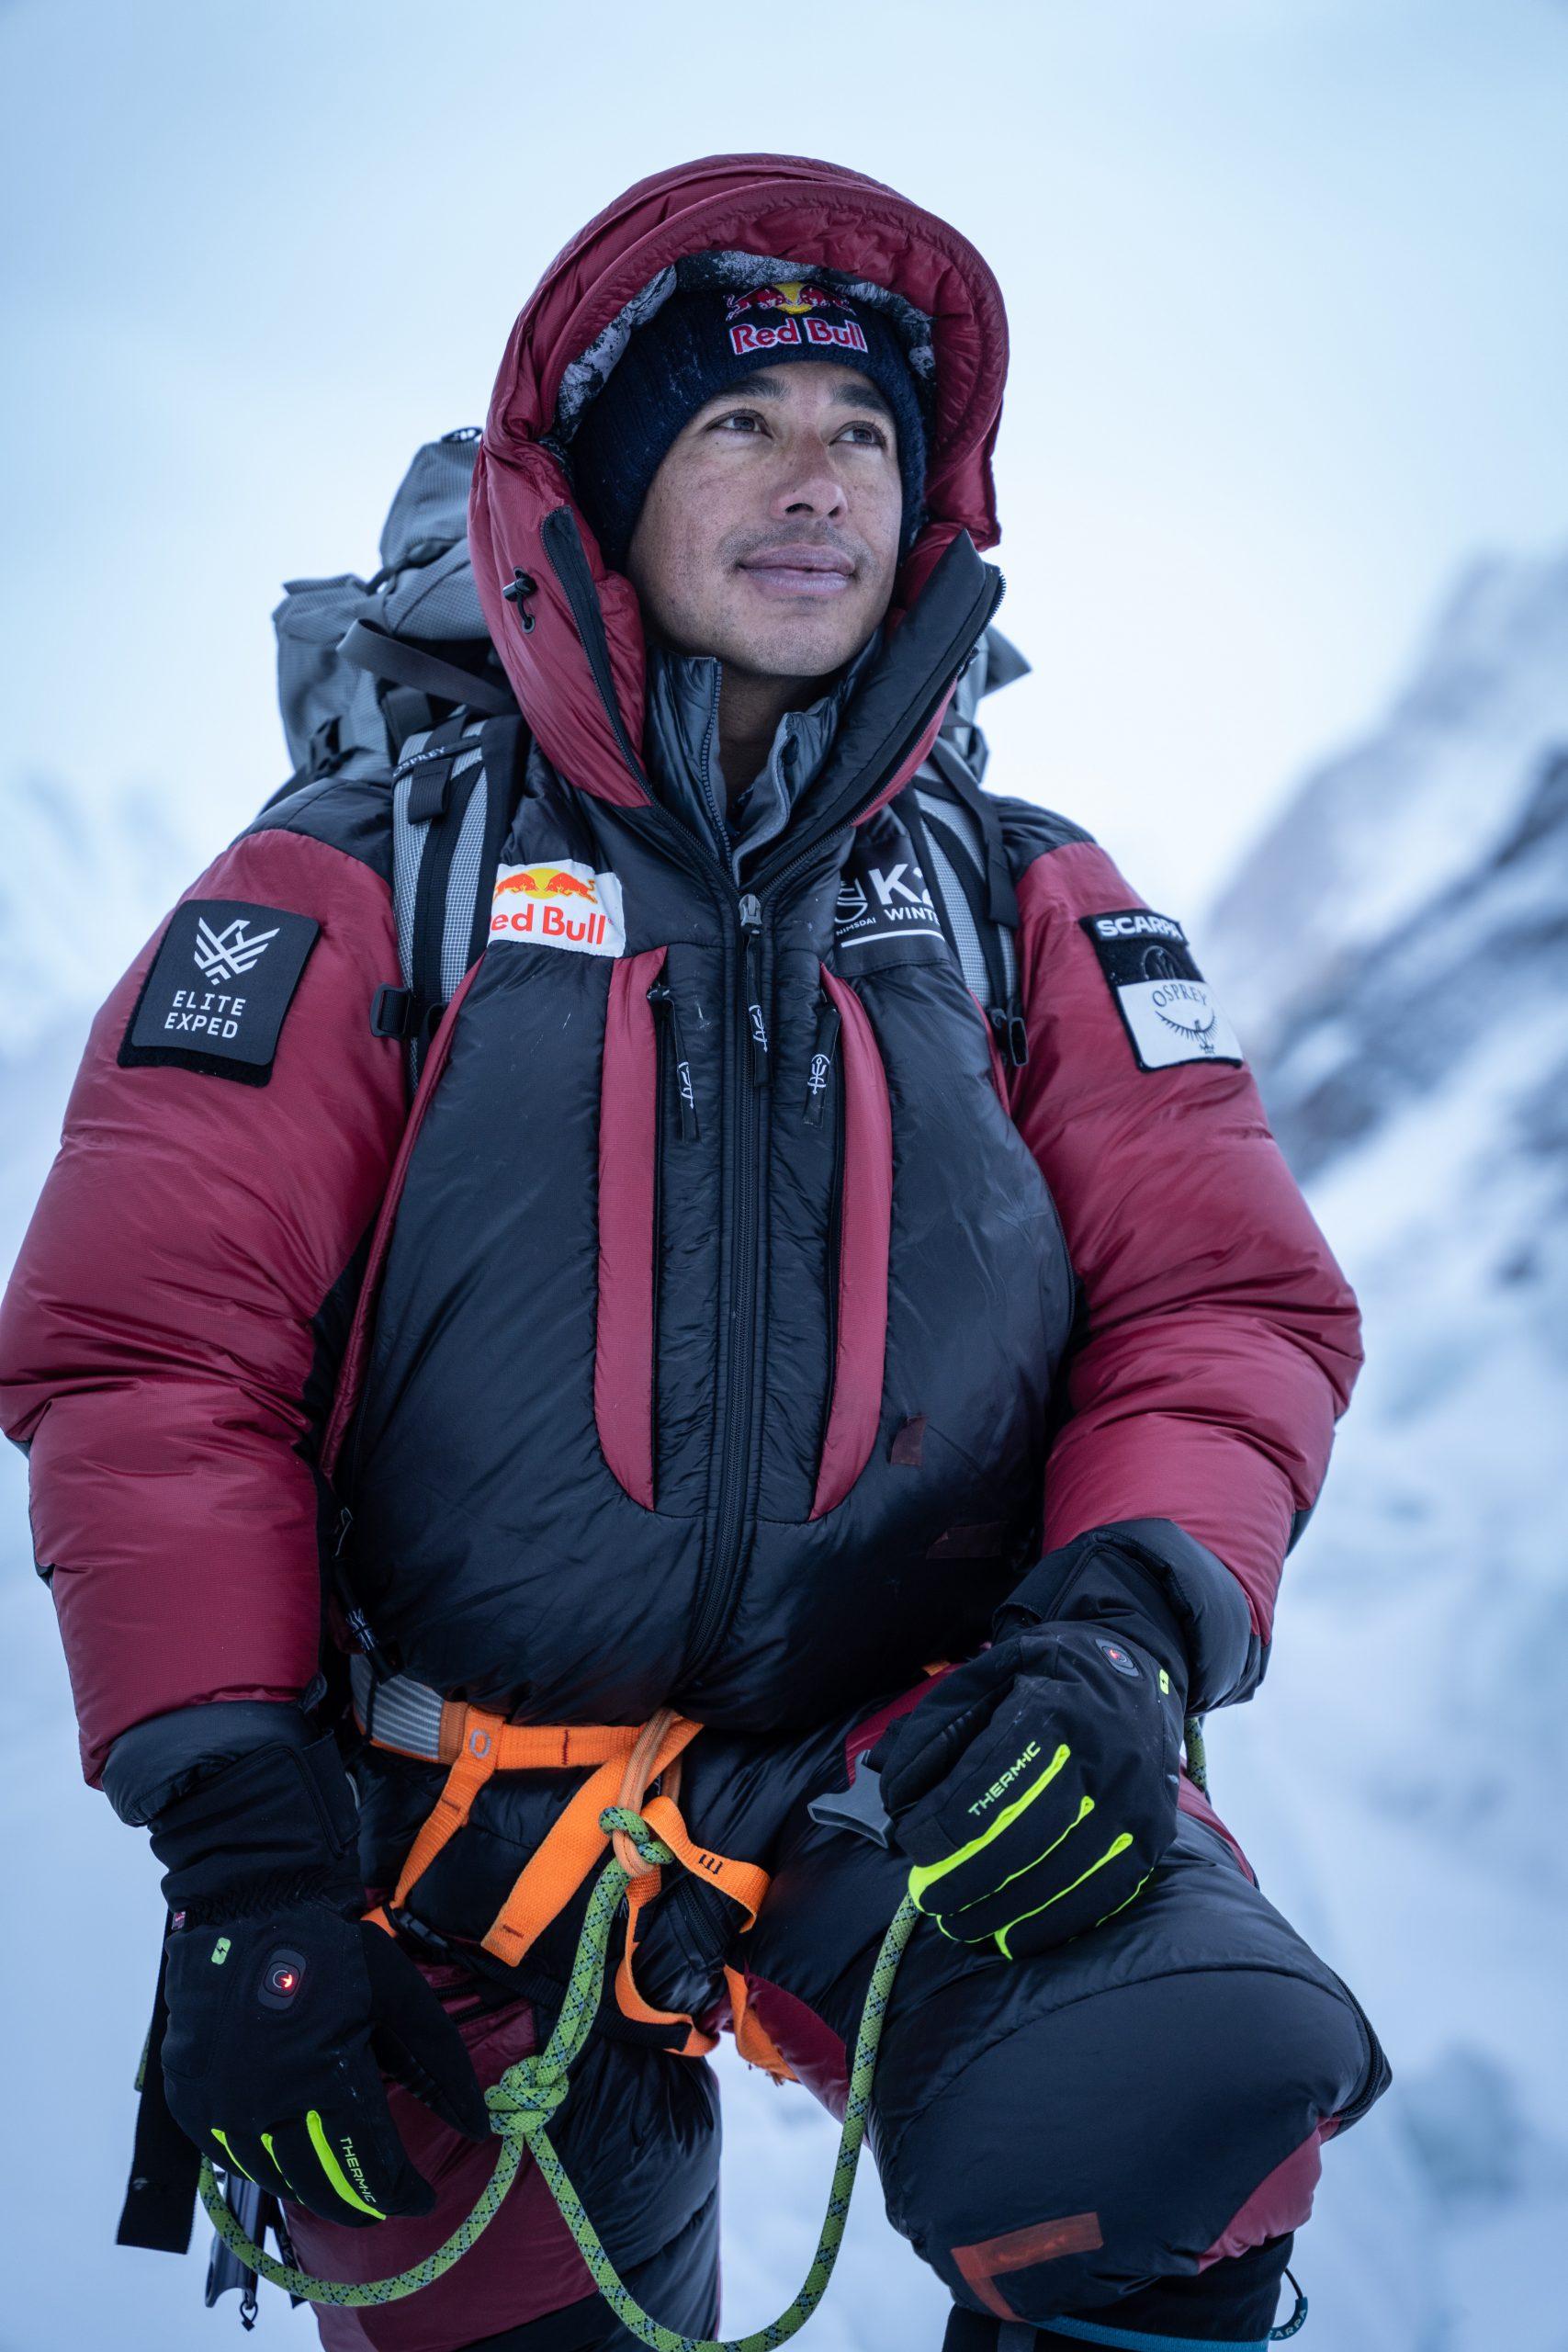 Nirmal Purja gelang auch die erste Winterbesteigung des K2 im Januar 2021. Foto: Red Bull